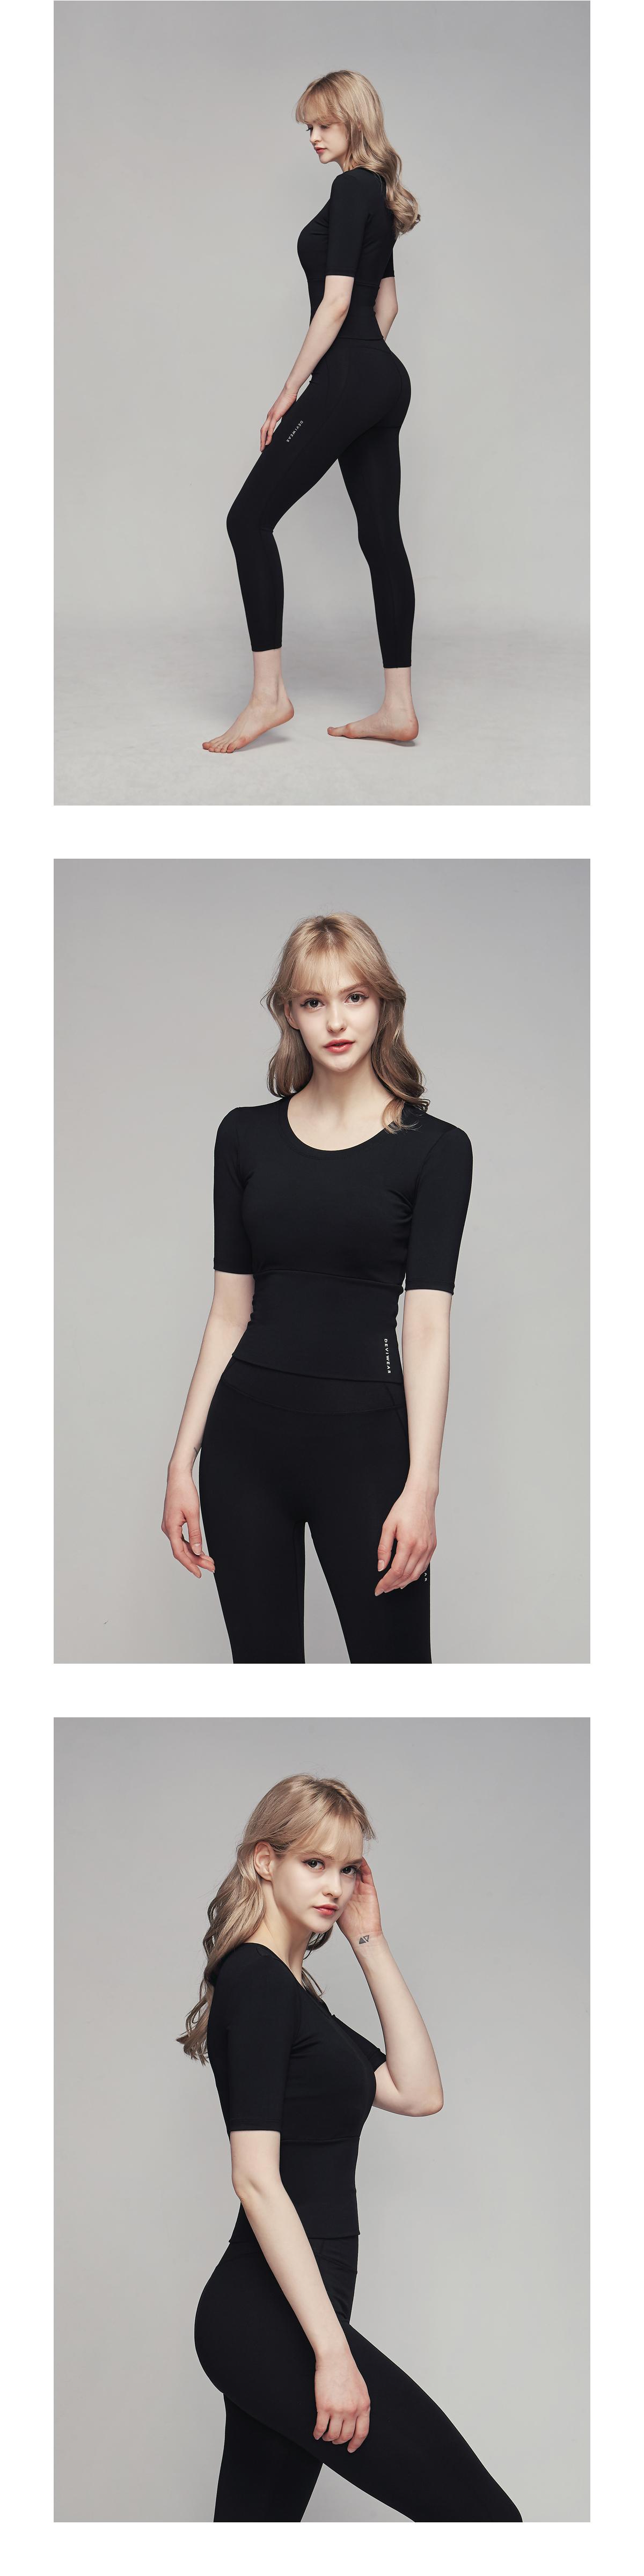 데비웨어(DEVIWEAR) 여성 요가복 DEVI-T0040-블랙 필라테스 반팔티 엣지 크롭 티셔츠